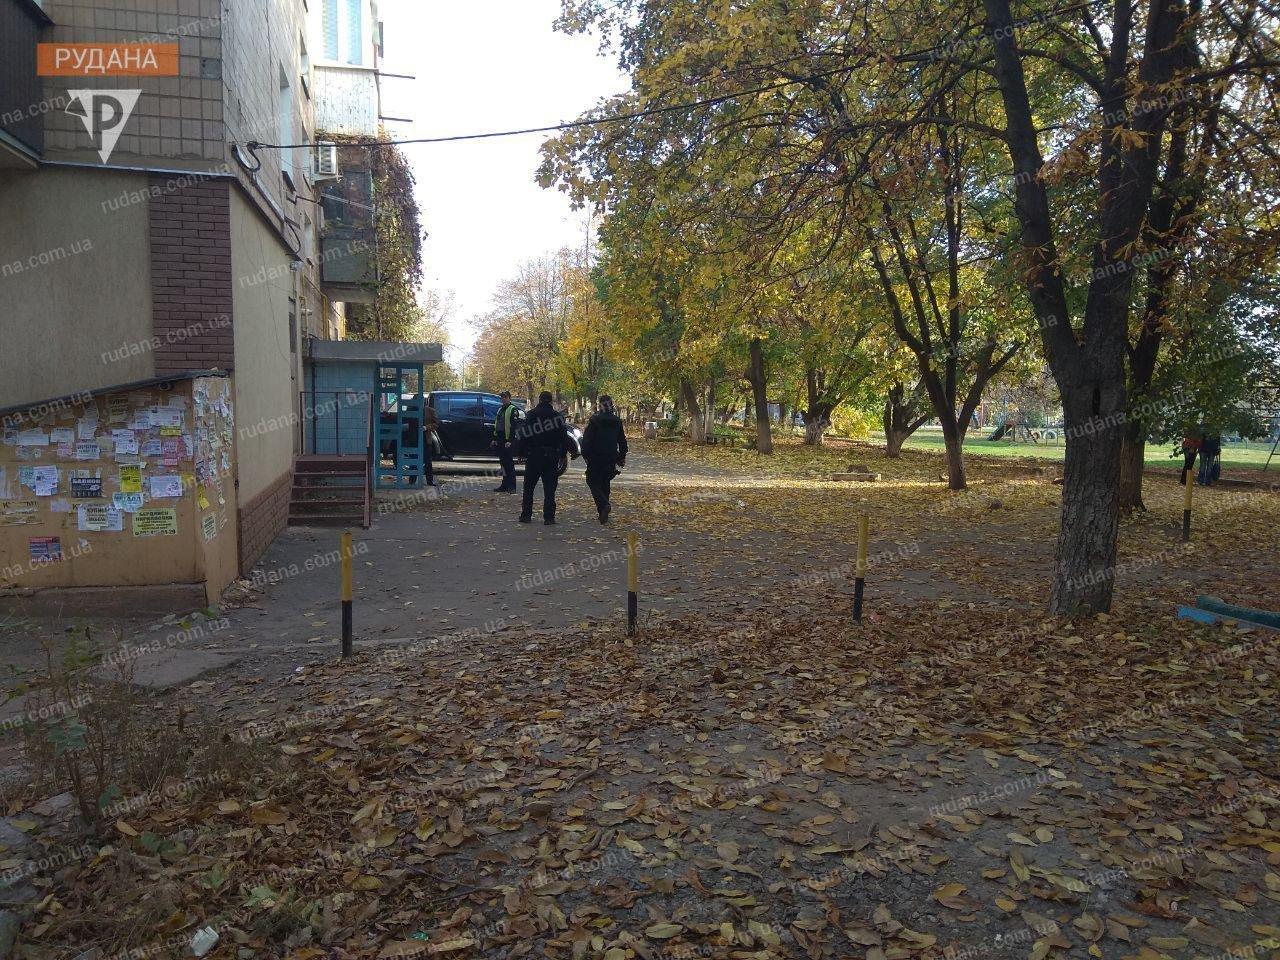 В Кривом Роге обнаженный мужчина выпал из окна, - ФОТО 18+, фото-6